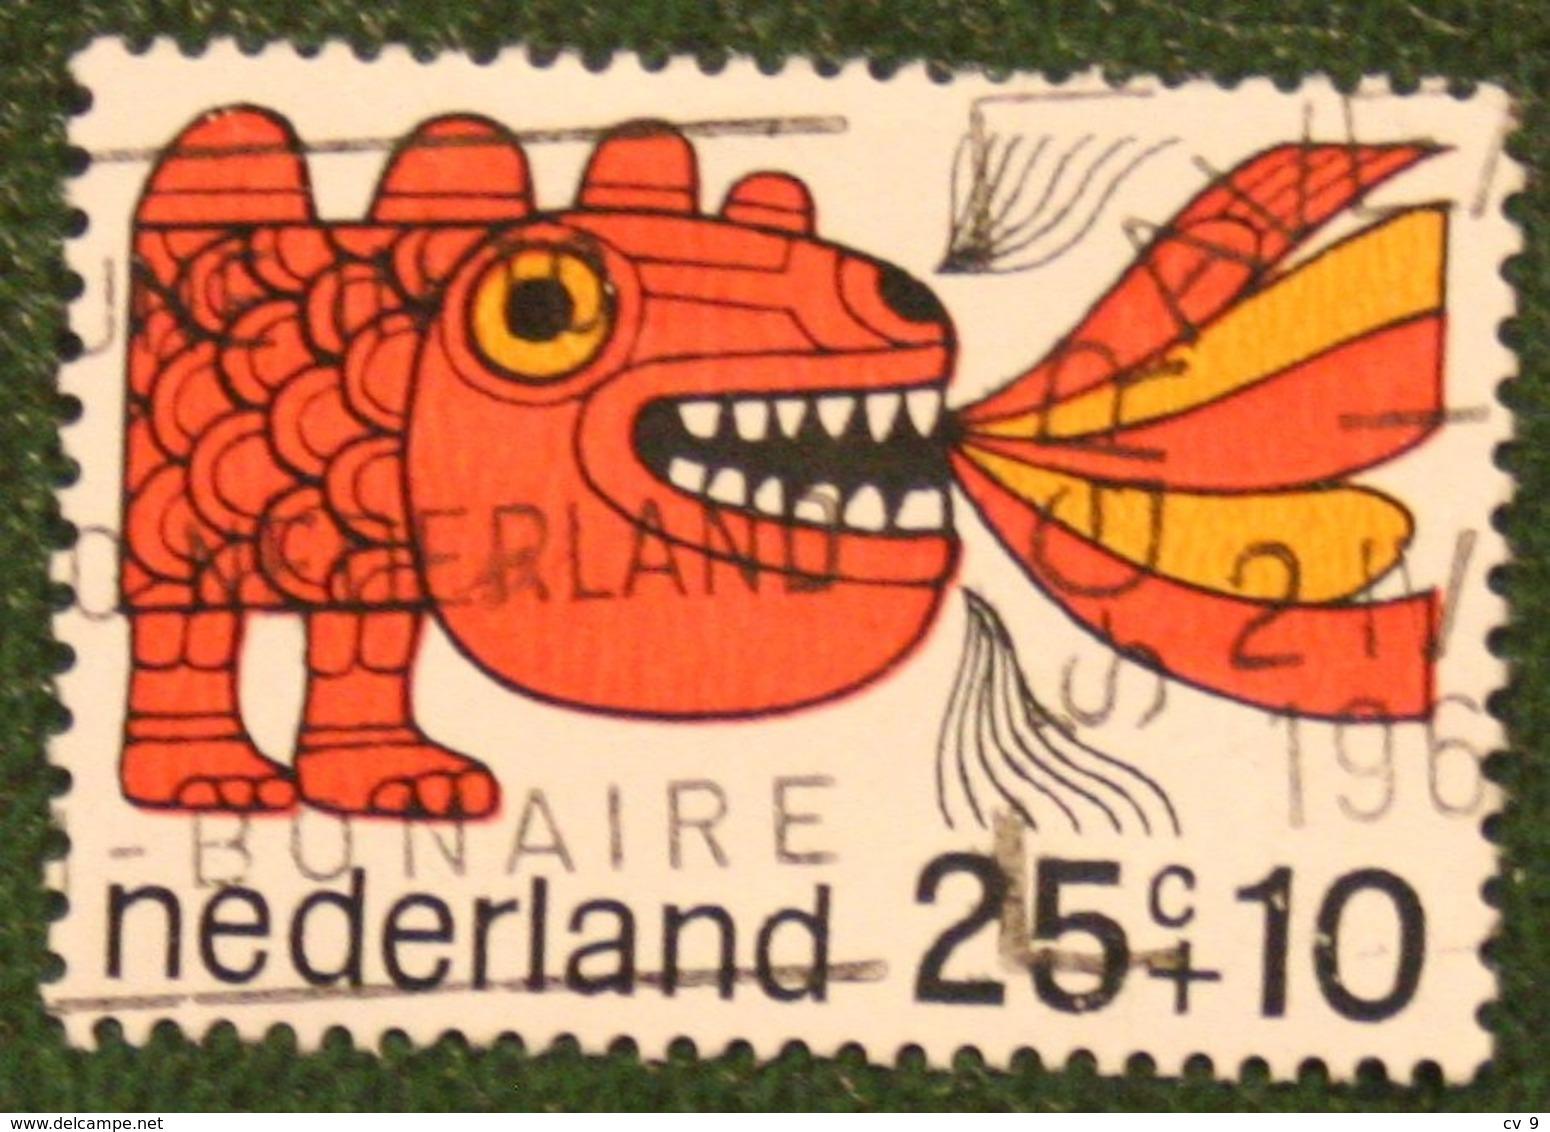 25 + 10 Ct Kinderzegel Child Welfare Kinder Enfant NVPH 915 (Mi 908) 1968 Gestempeld / USED NEDERLAND / NIEDERLANDE - 1949-1980 (Juliana)